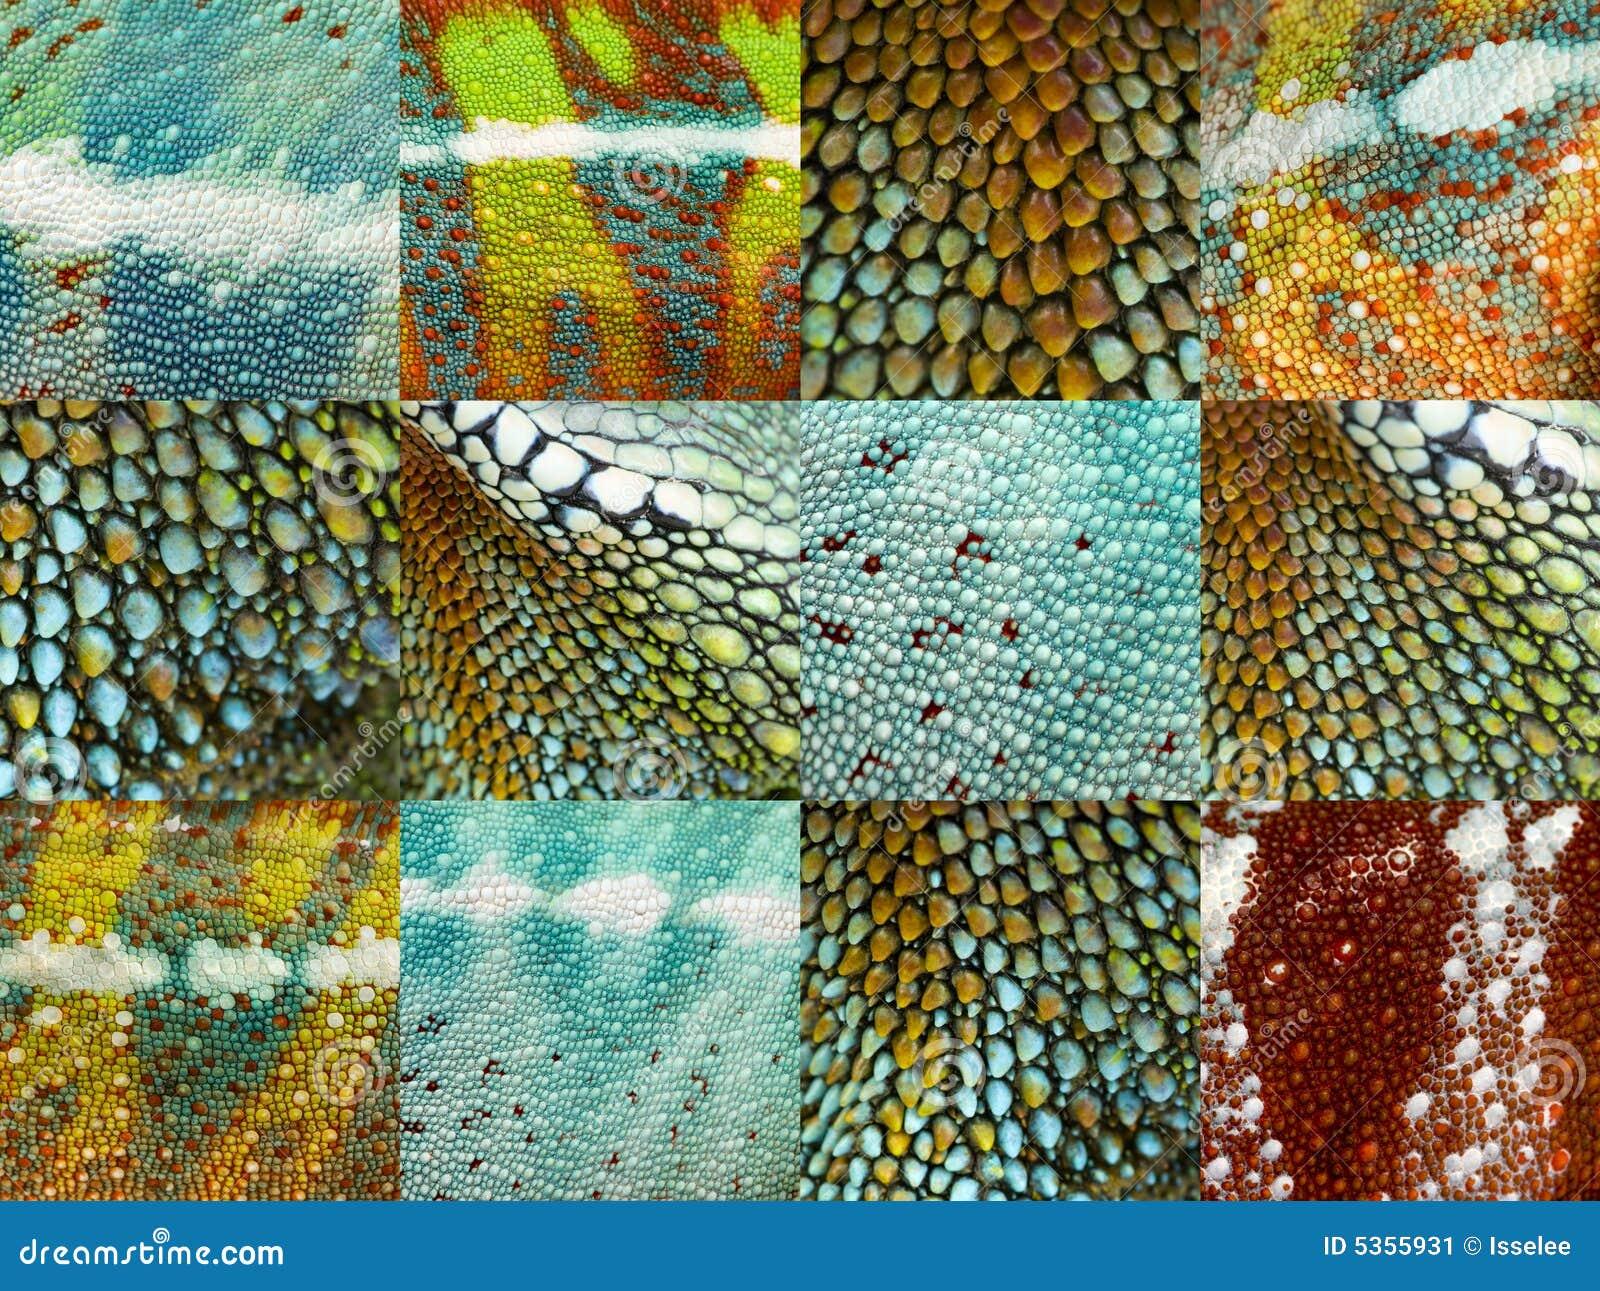 Twelve colorful reptile skins